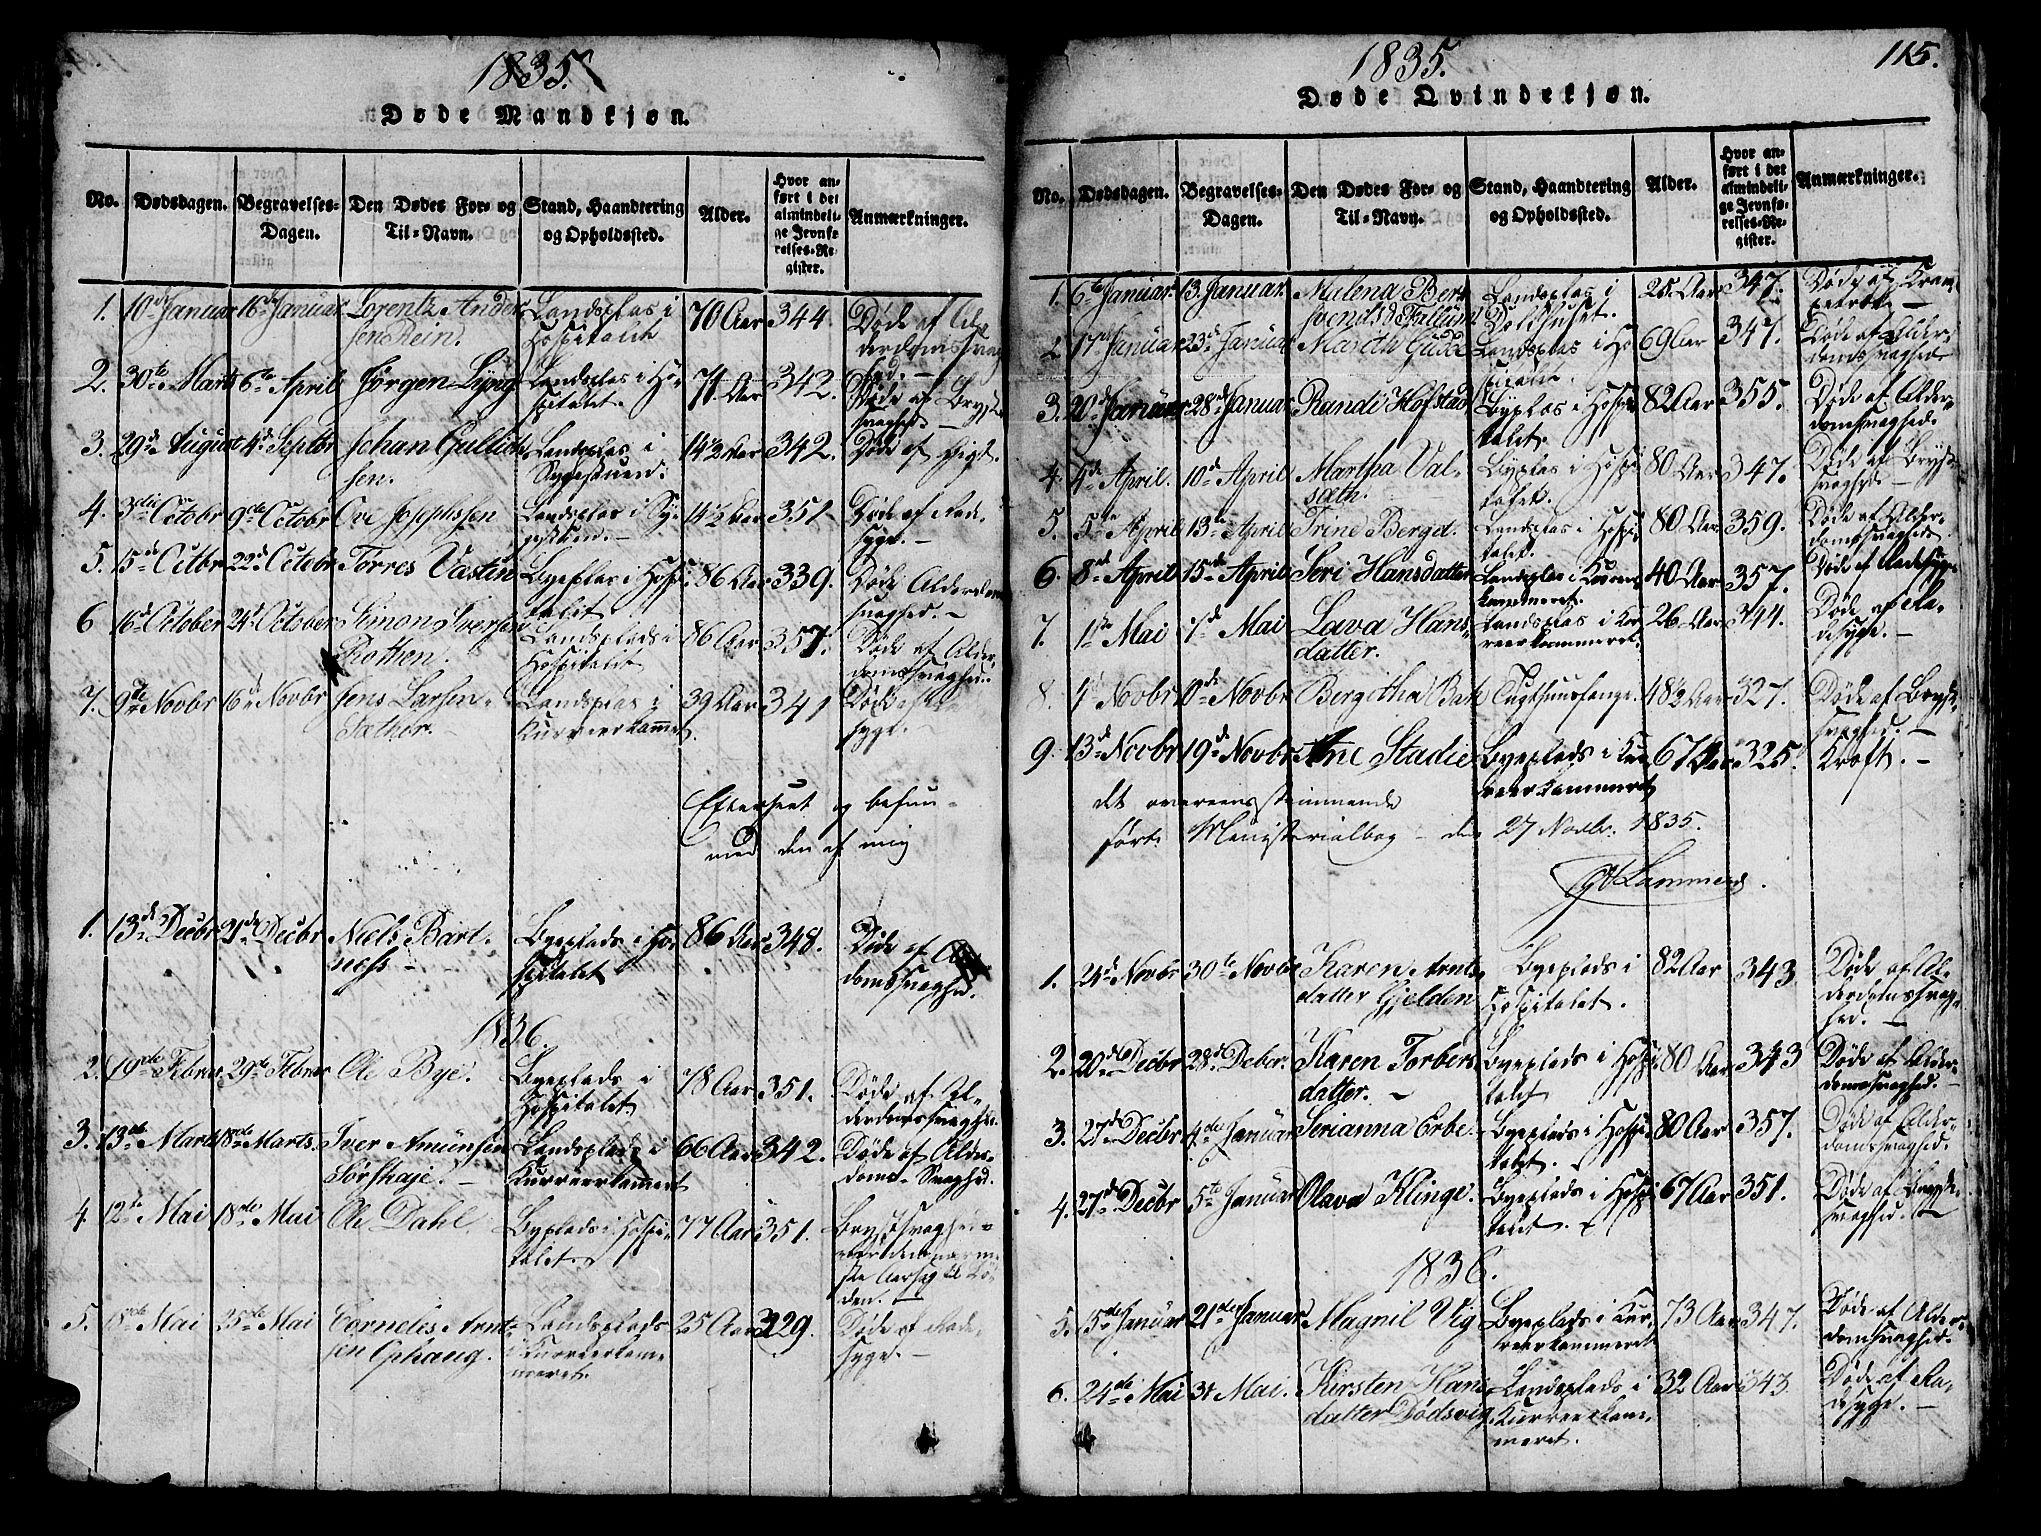 SAT, Ministerialprotokoller, klokkerbøker og fødselsregistre - Sør-Trøndelag, 623/L0478: Klokkerbok nr. 623C01, 1815-1873, s. 115